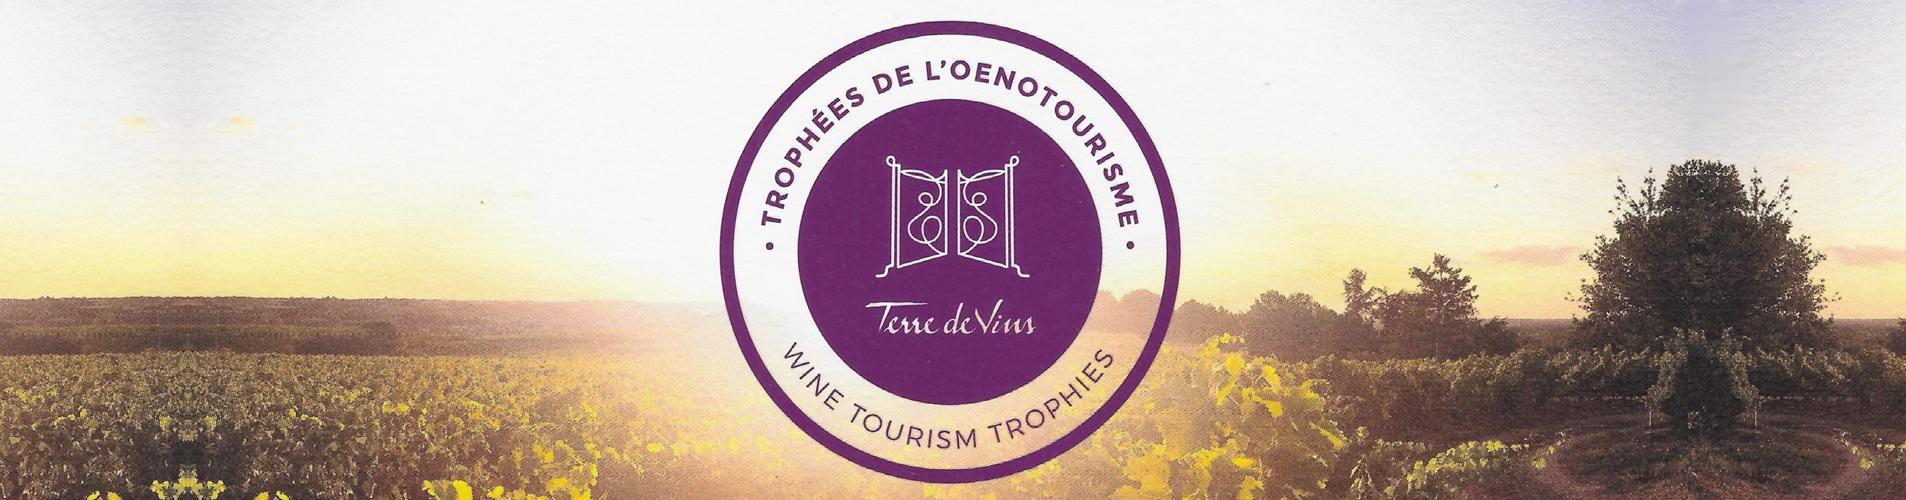 TROPHEES DE L OENOTOURISME